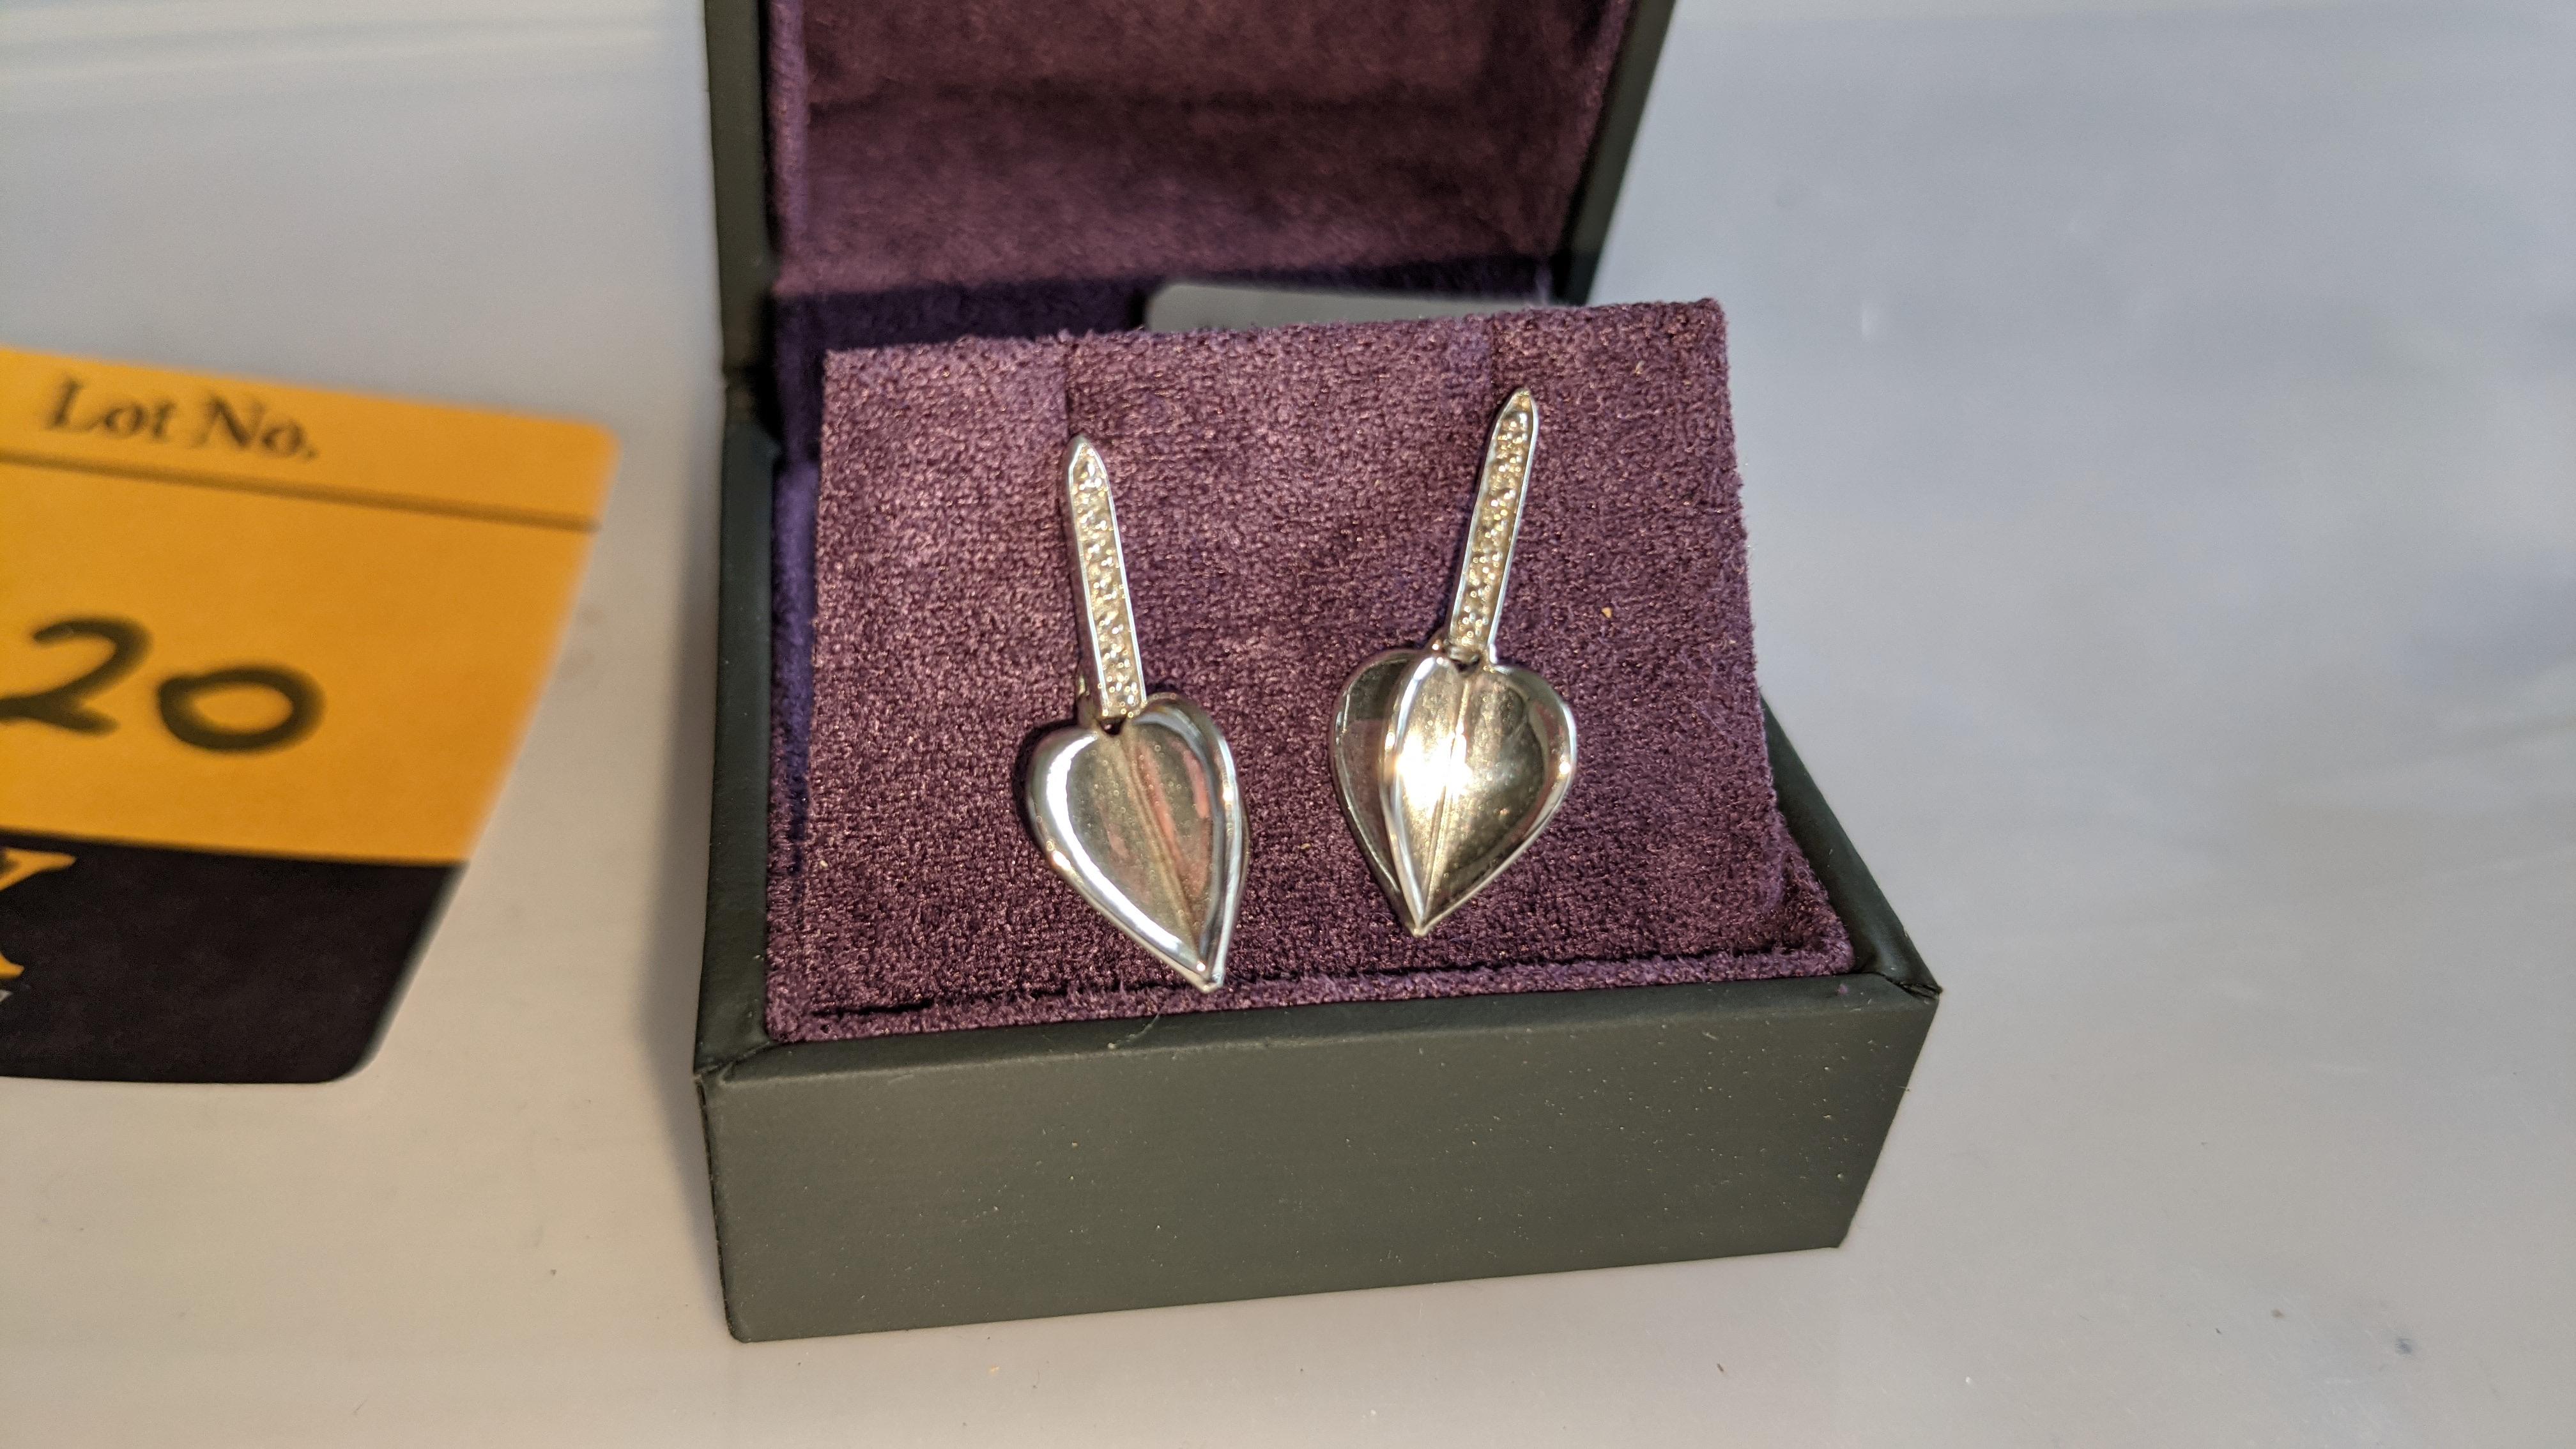 Pair of earrings, retail price £196 - Image 3 of 11